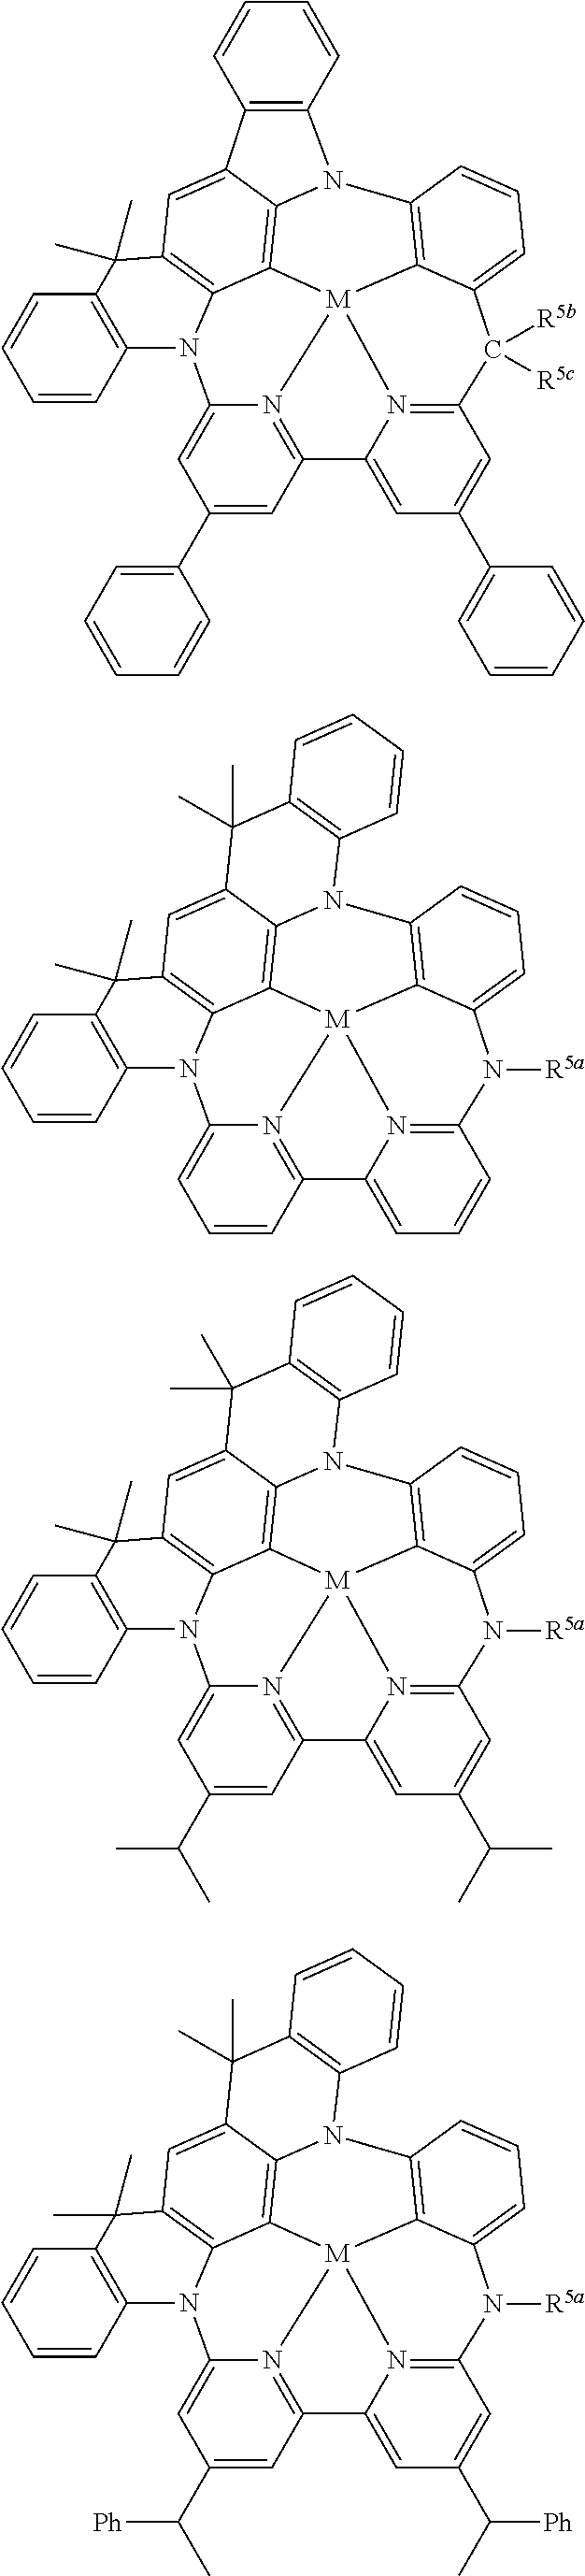 Figure US10158091-20181218-C00216